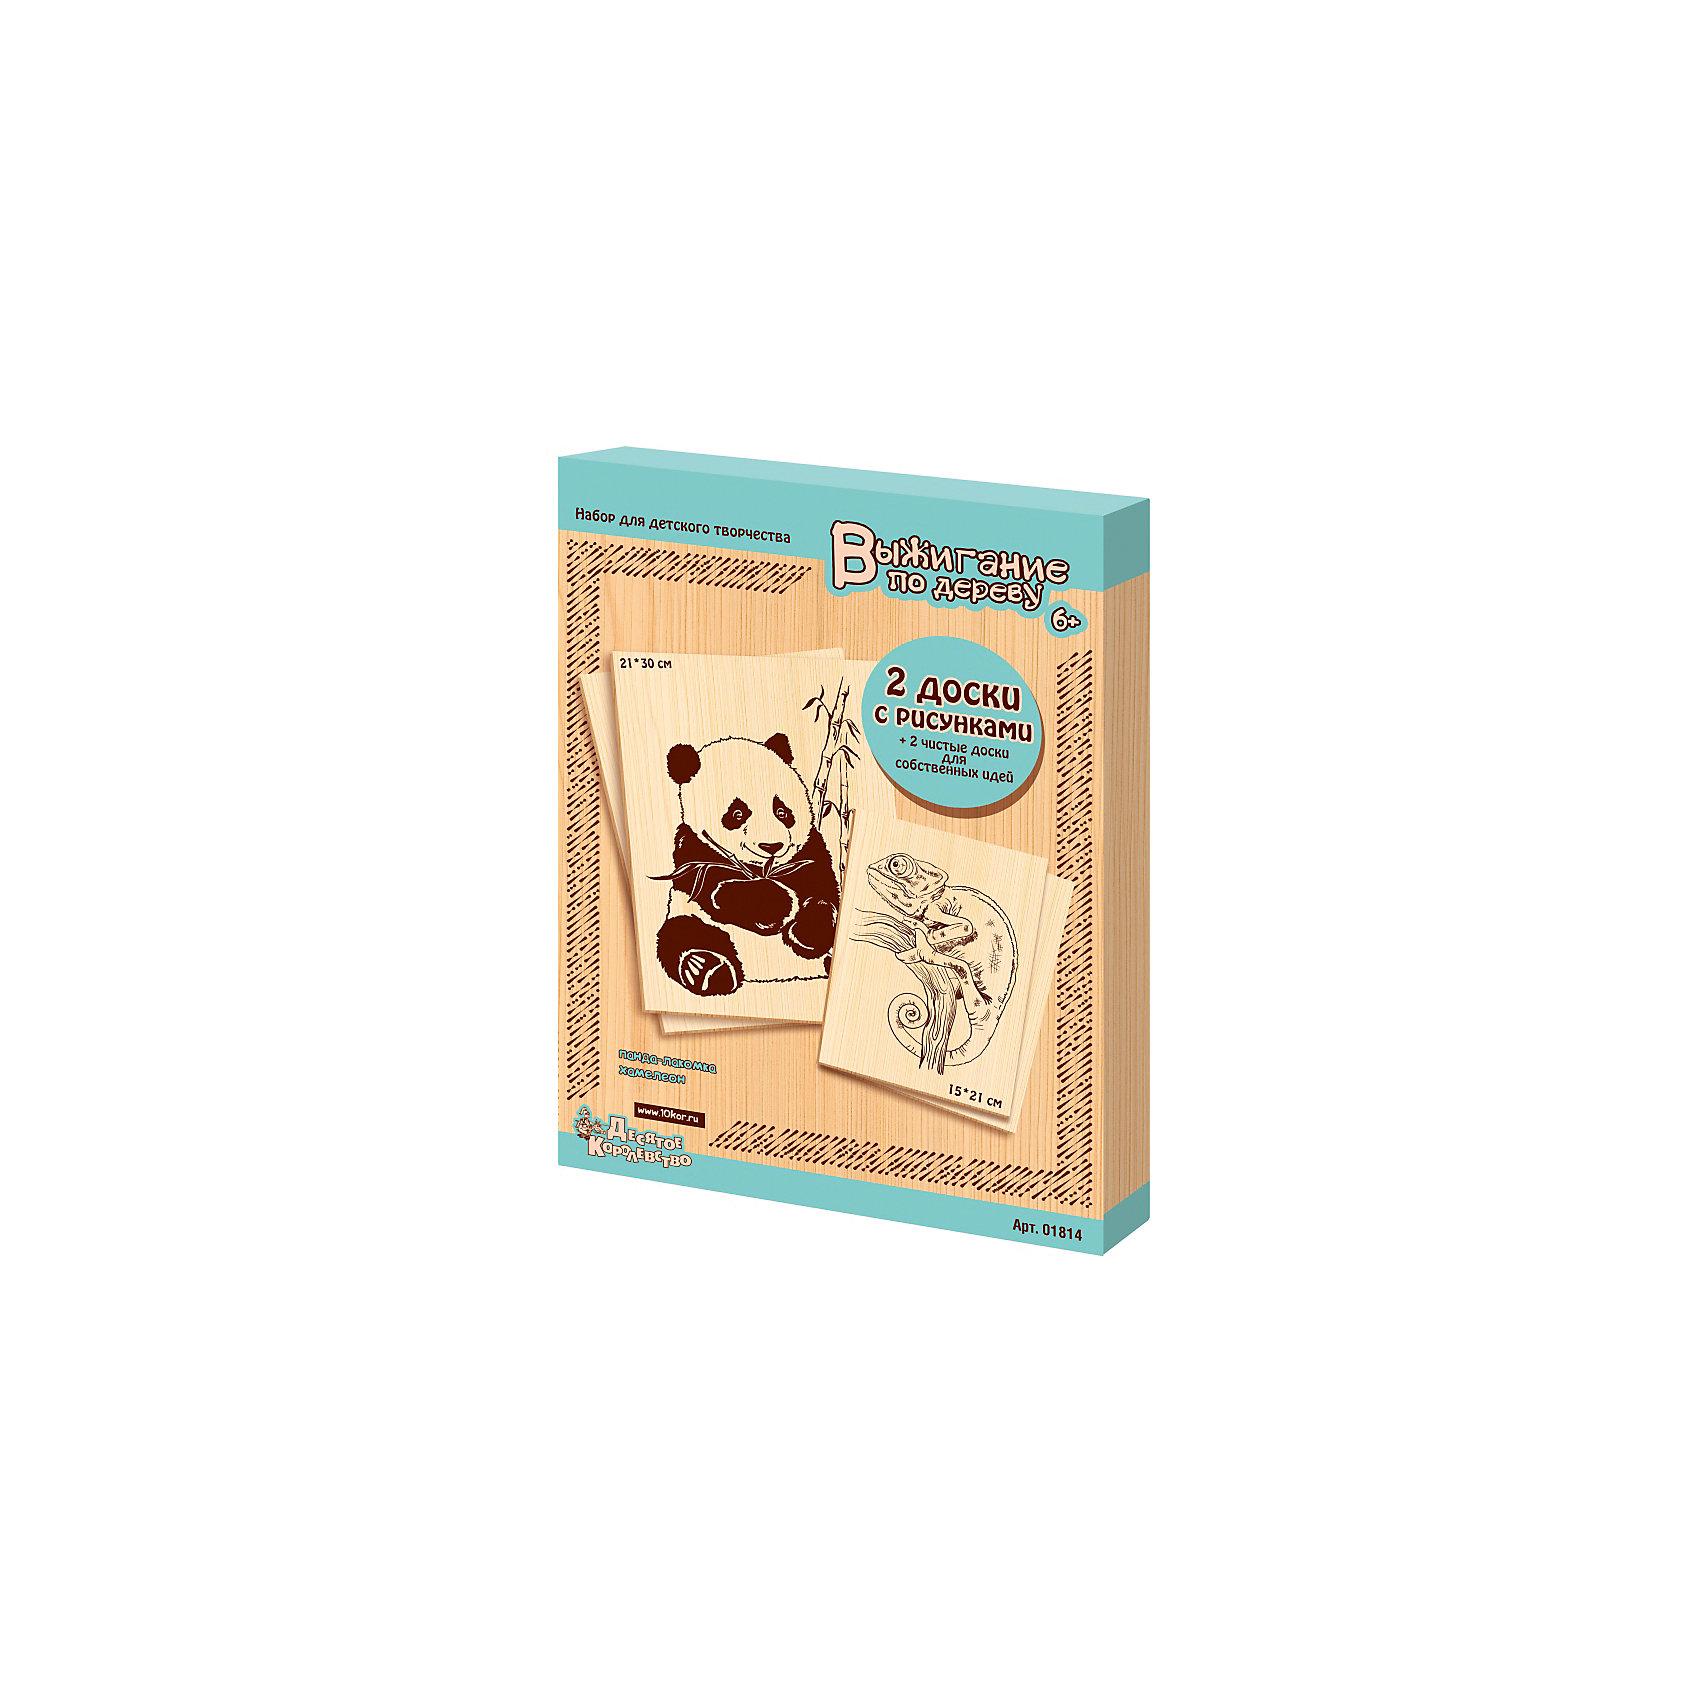 Доска для выжигания  Панда-лакомка/Хамелеон, Десятое королевствоРукоделие<br>Доска для выжигания Панда-лакомка/Хамелеон, Десятое королевство<br><br>Характеристики: <br><br>• В наборе: 2 фанерки с рисунком, 2 чистые<br>• Материал: шлифованная фанера<br>• Размер: 30х21 и 21х15<br>• Толщина: 4мм<br>• Возраст: от 7 лет<br><br>Этот замечательный набор поможет ребенку освоить новую творческую деятельность - выжигание по дереву! Этот способ позволит быстро и легко сделать оригинальные подарки своим близким, развить мелкую моторику и научиться усидчивости и аккуратности. В набор входят 2 заготовки с нанесенными контурами и 2 фанерки без рисунка. Рисунки разработаны так, чтобы ребенок мог легко их повторить и почувствовать себя настоящим мастером.<br><br>Доска для выжигания Панда-лакомка/Хамелеон, Десятое королевство можно купить в нашем интернет-магазине.<br><br>Ширина мм: 310<br>Глубина мм: 220<br>Высота мм: 20<br>Вес г: 551<br>Возраст от месяцев: 84<br>Возраст до месяцев: 2147483647<br>Пол: Унисекс<br>Возраст: Детский<br>SKU: 5471619